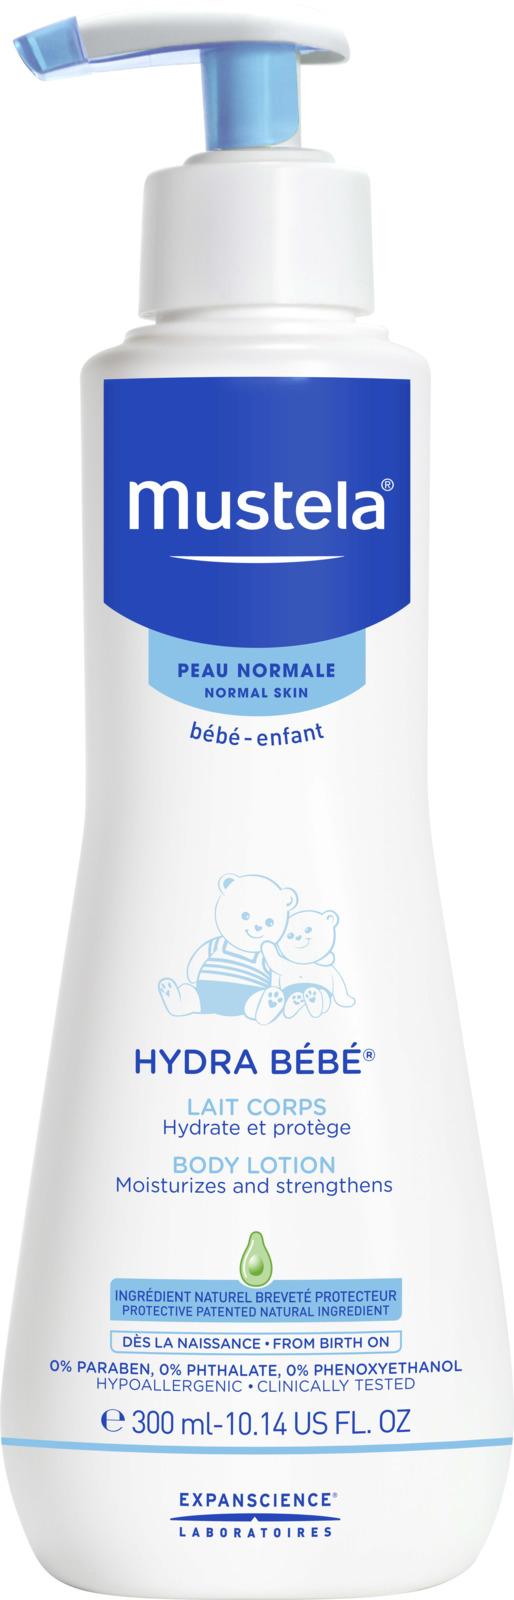 Молочко для тела Mustela Hydra Bebe, детское, 300 мл набор mustela bebe купание увлажнение гель 500 мл молочко для тела hydra 300 мл